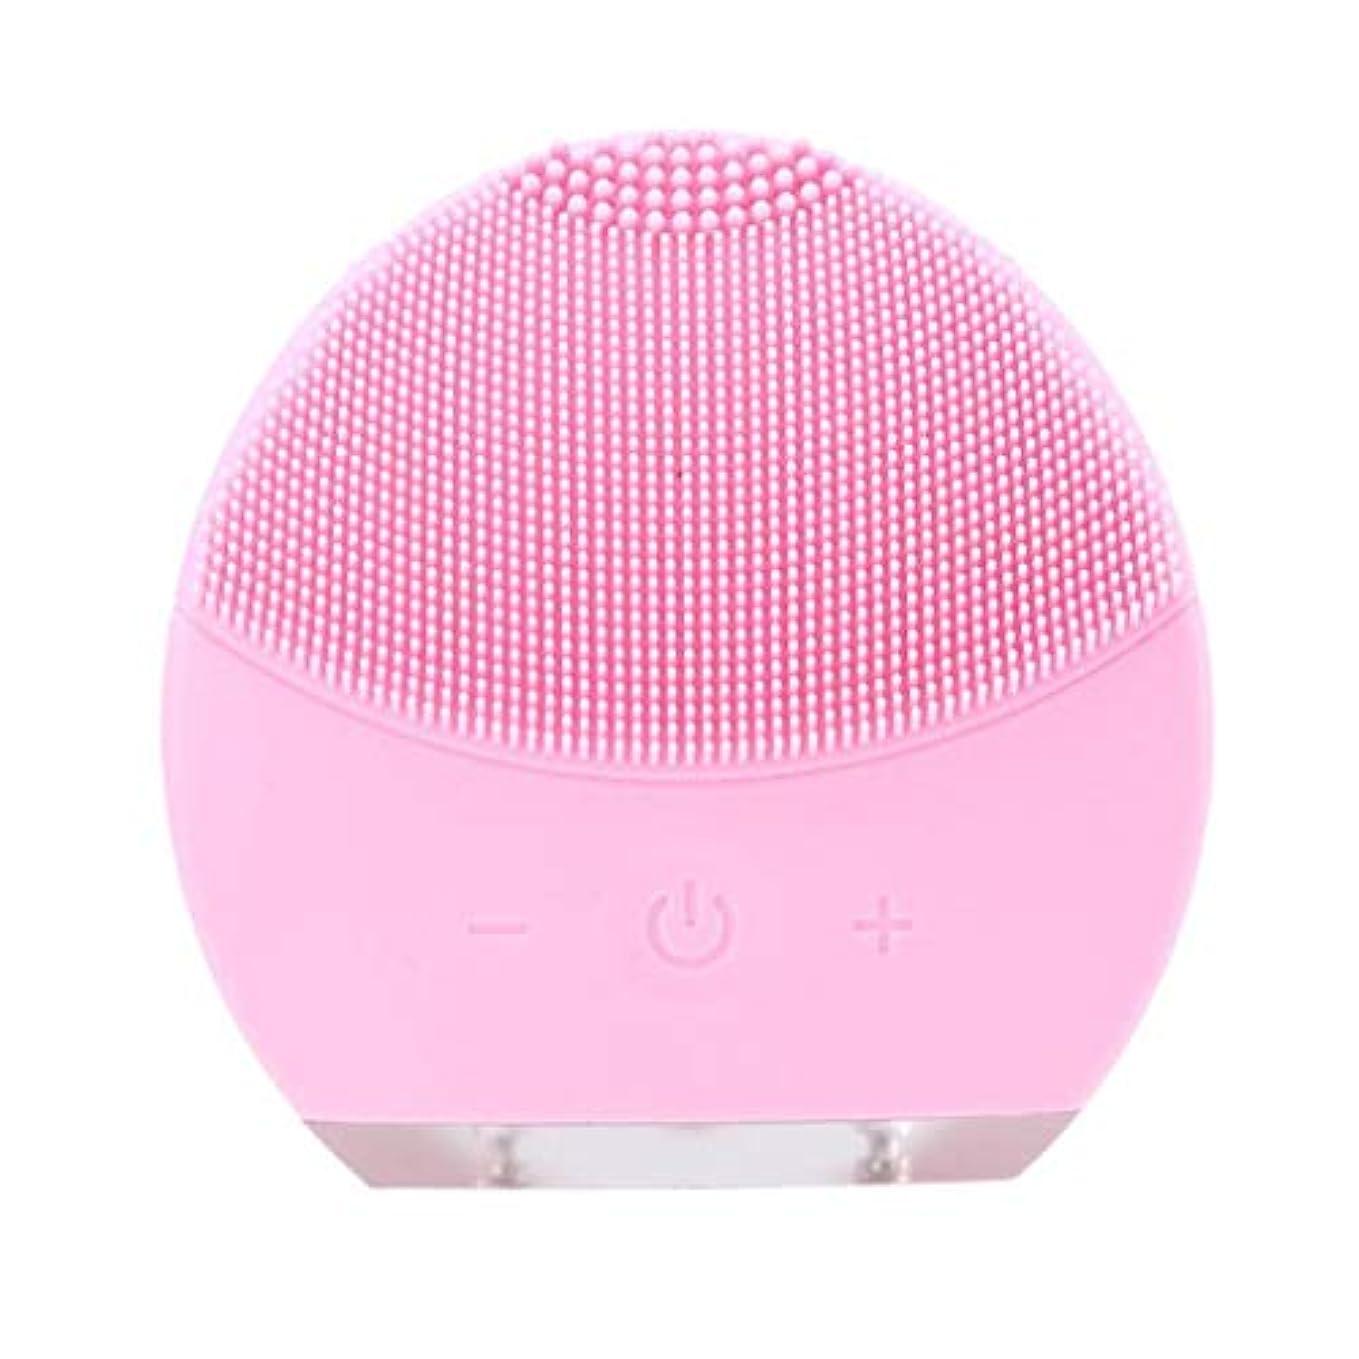 インフレーション資産直感超音波振動美容機器洗浄器、皮膚の毛穴を最小限に抑えるマイクロダーマブレーション毛穴、USB 充電と防水,Pink